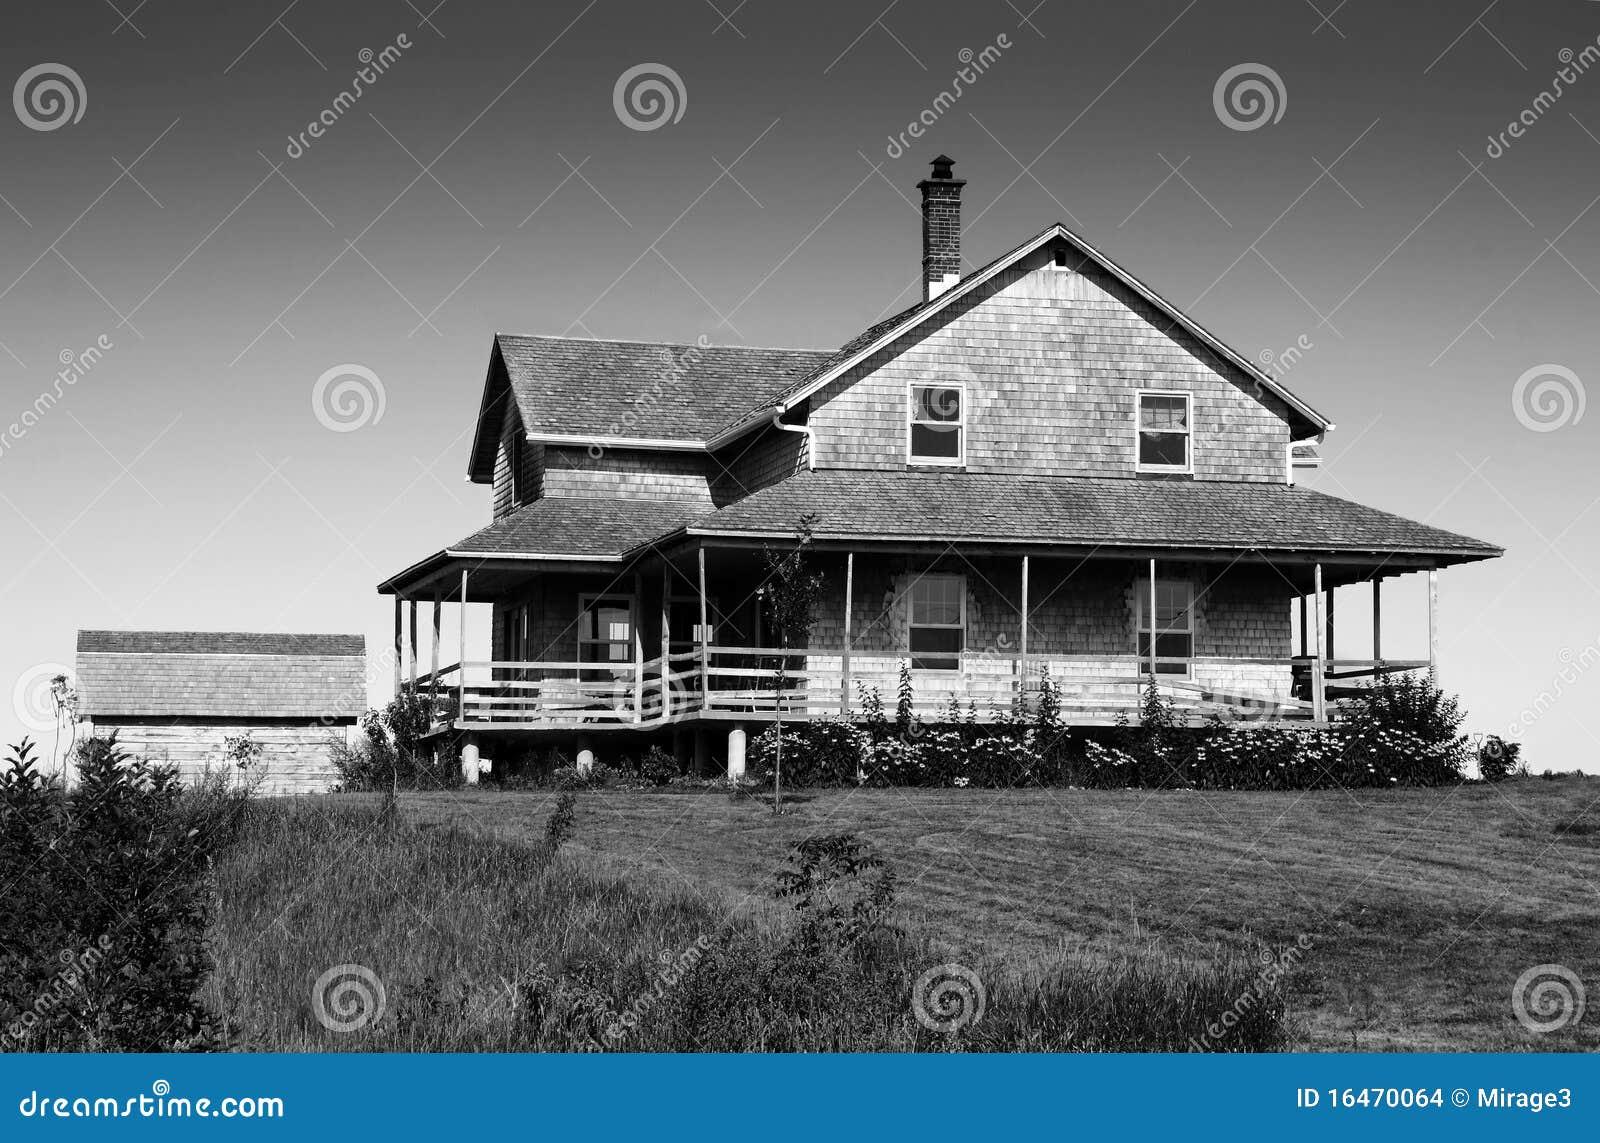 Noir et blanc de la maison de bardeau de c dre - Maison en noir et blanc ...